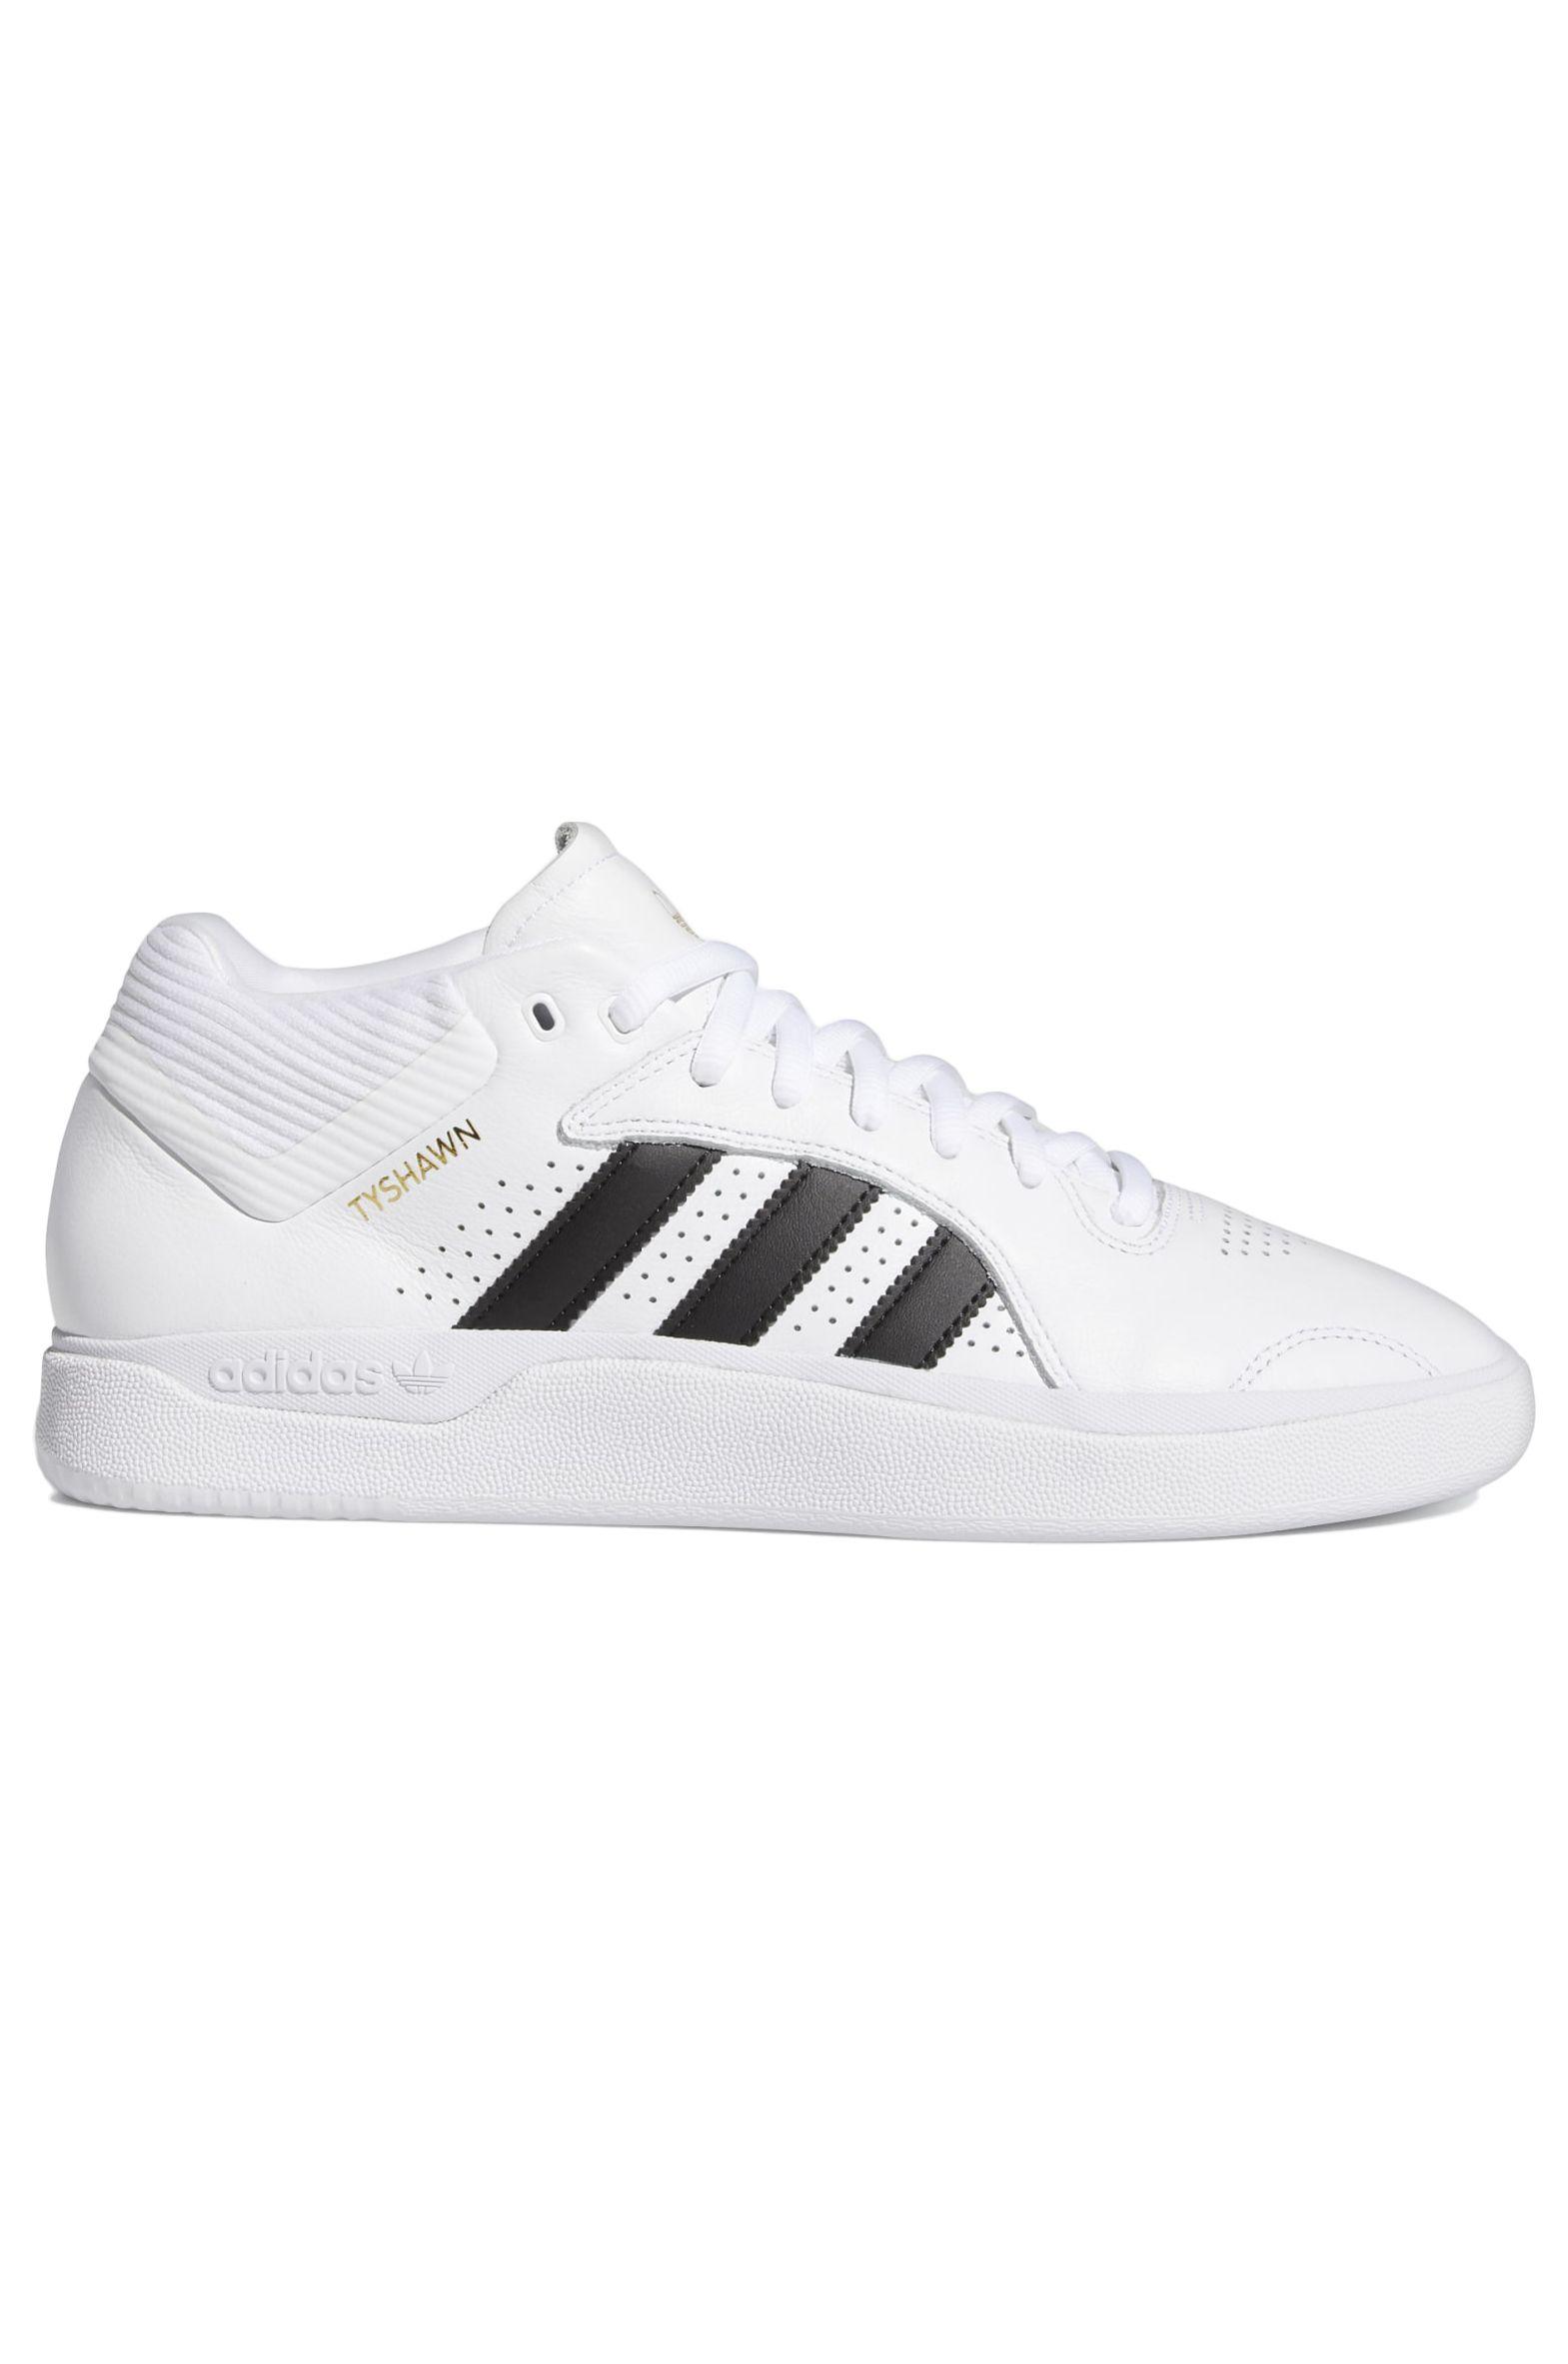 Adidas Shoes TYSHAWN Ftwwht/Cblack/Ftwwht